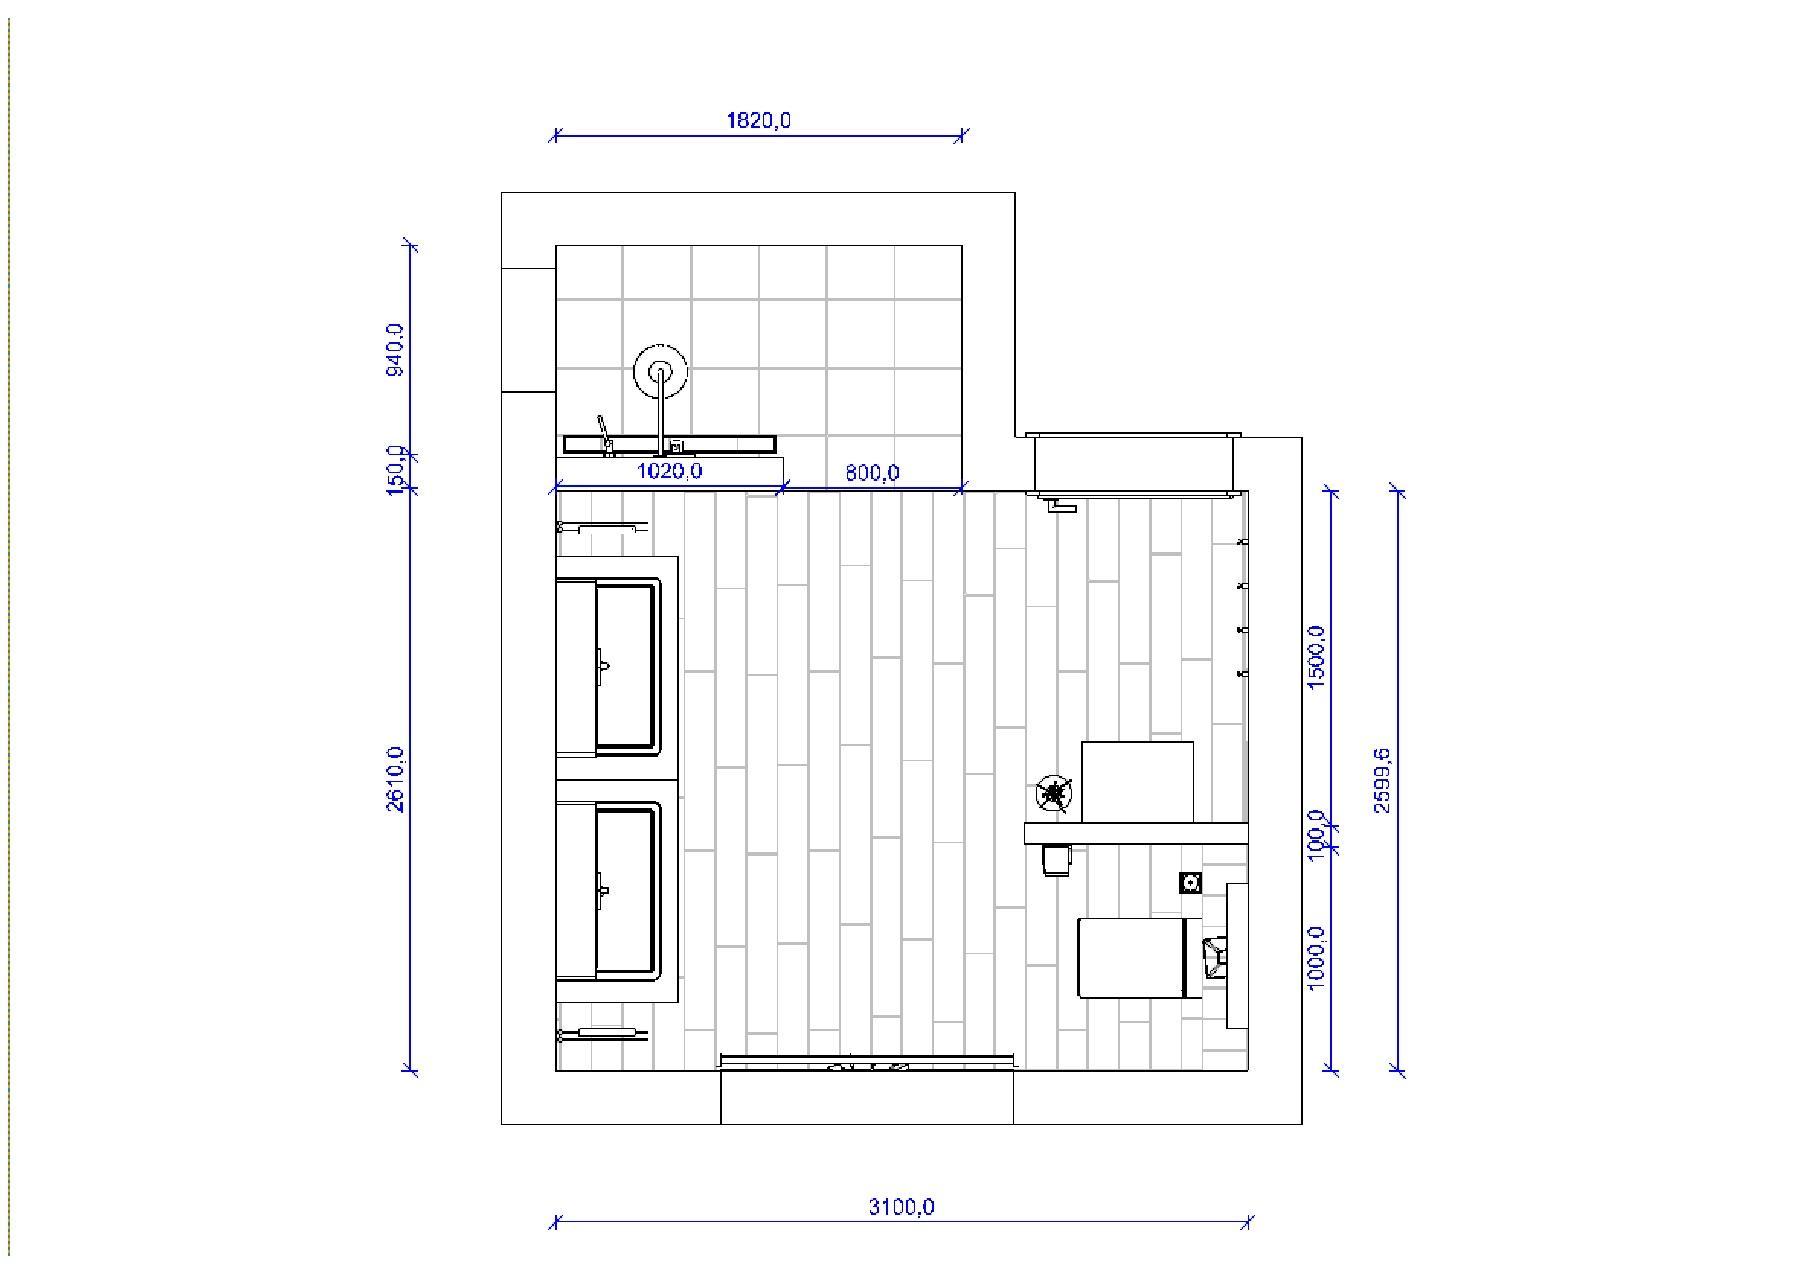 Badezimmer Grundriss u2022 Bilder \ Ideen u2022 COUCHstyle - badezimmer grundriss